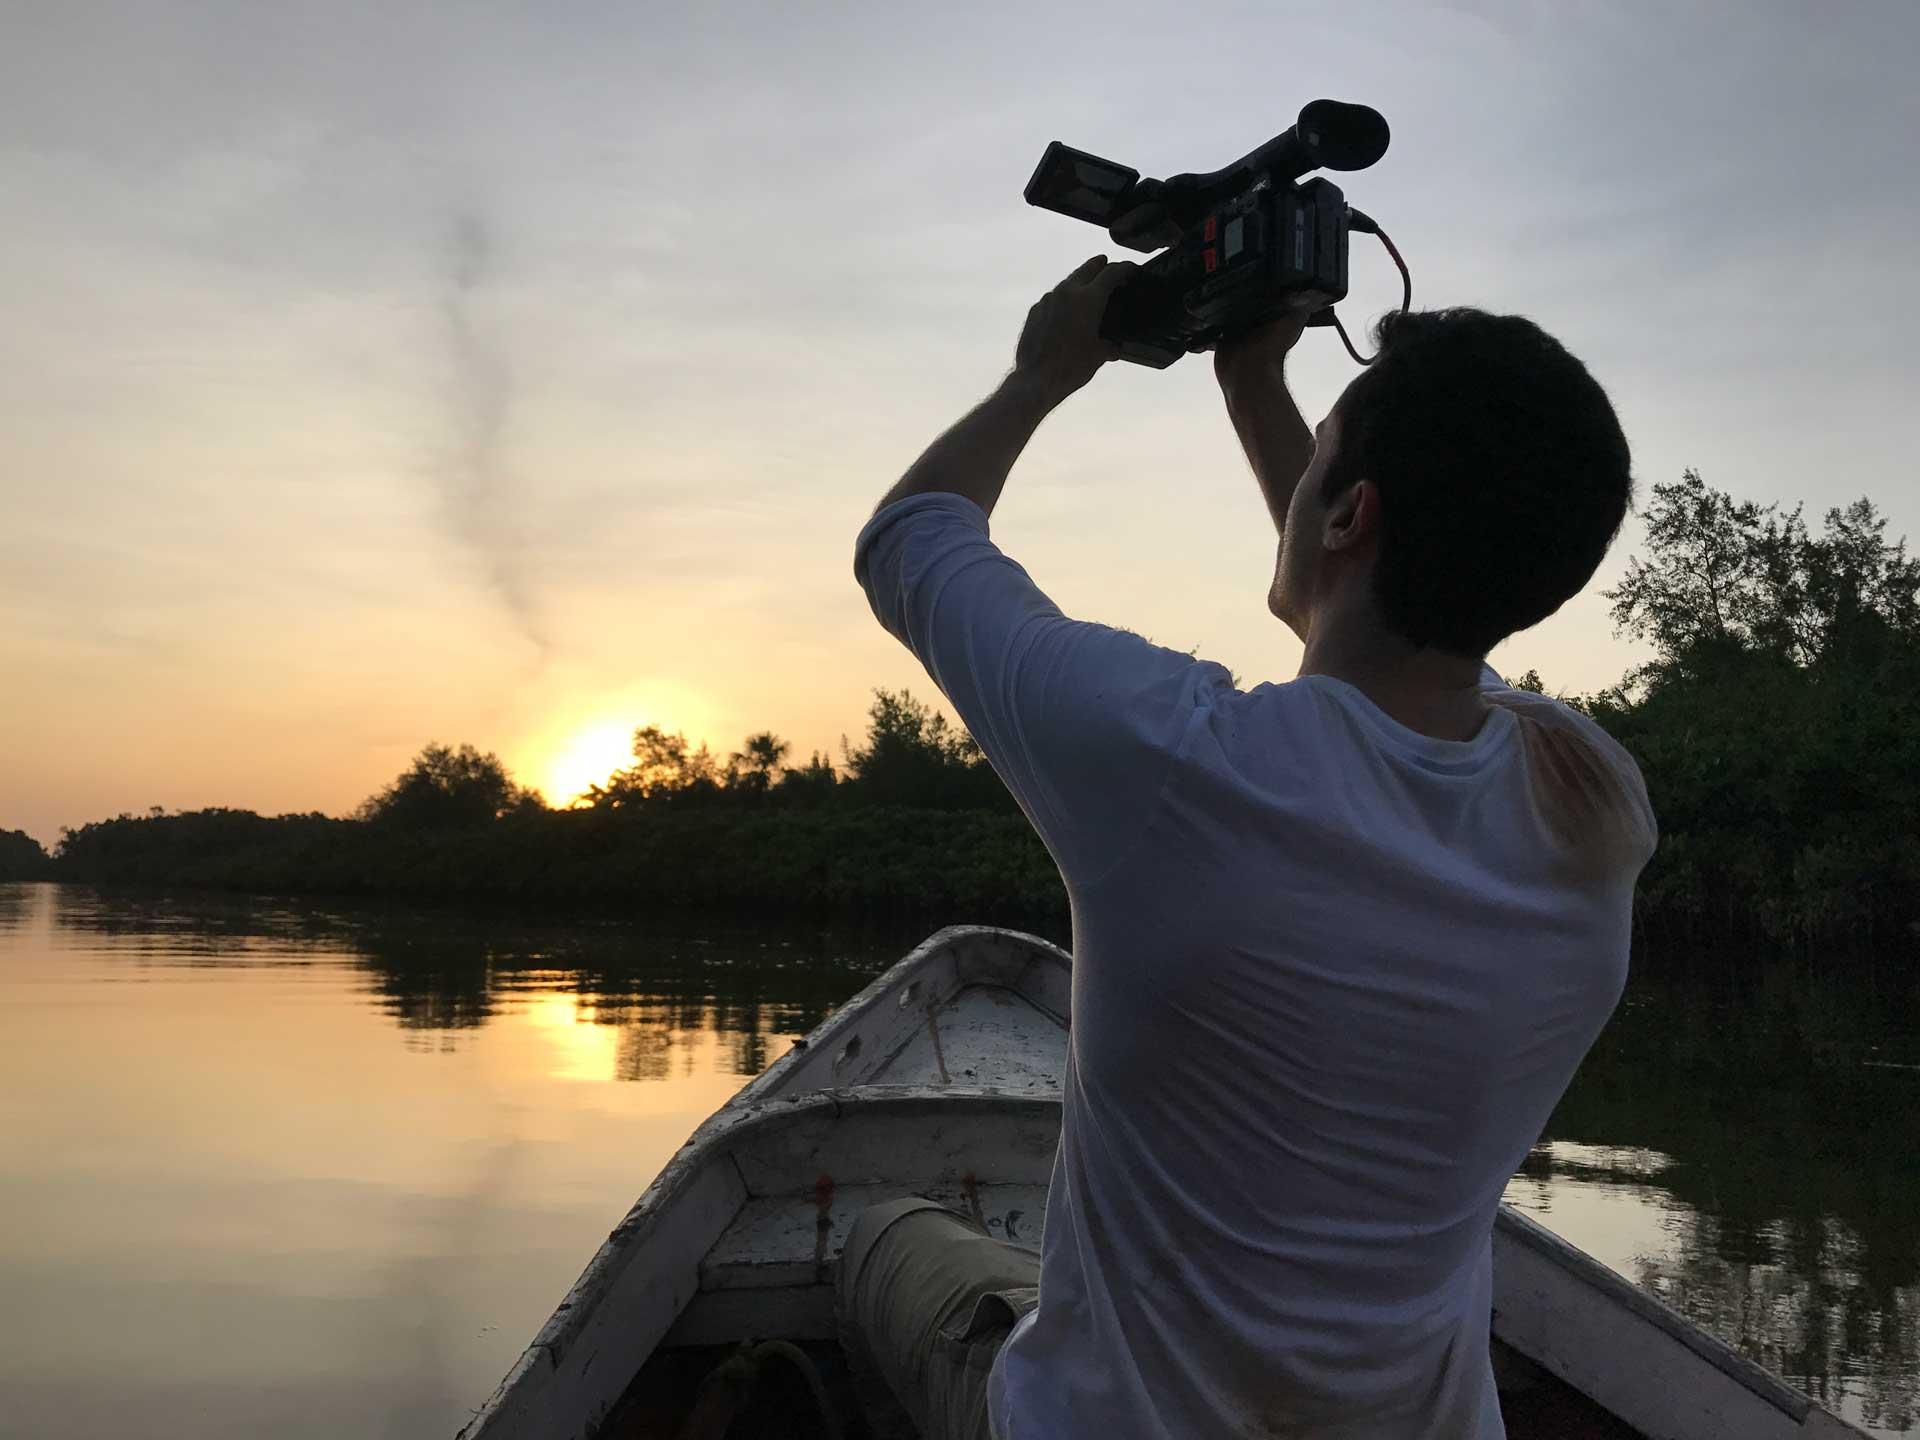 Shooting PD